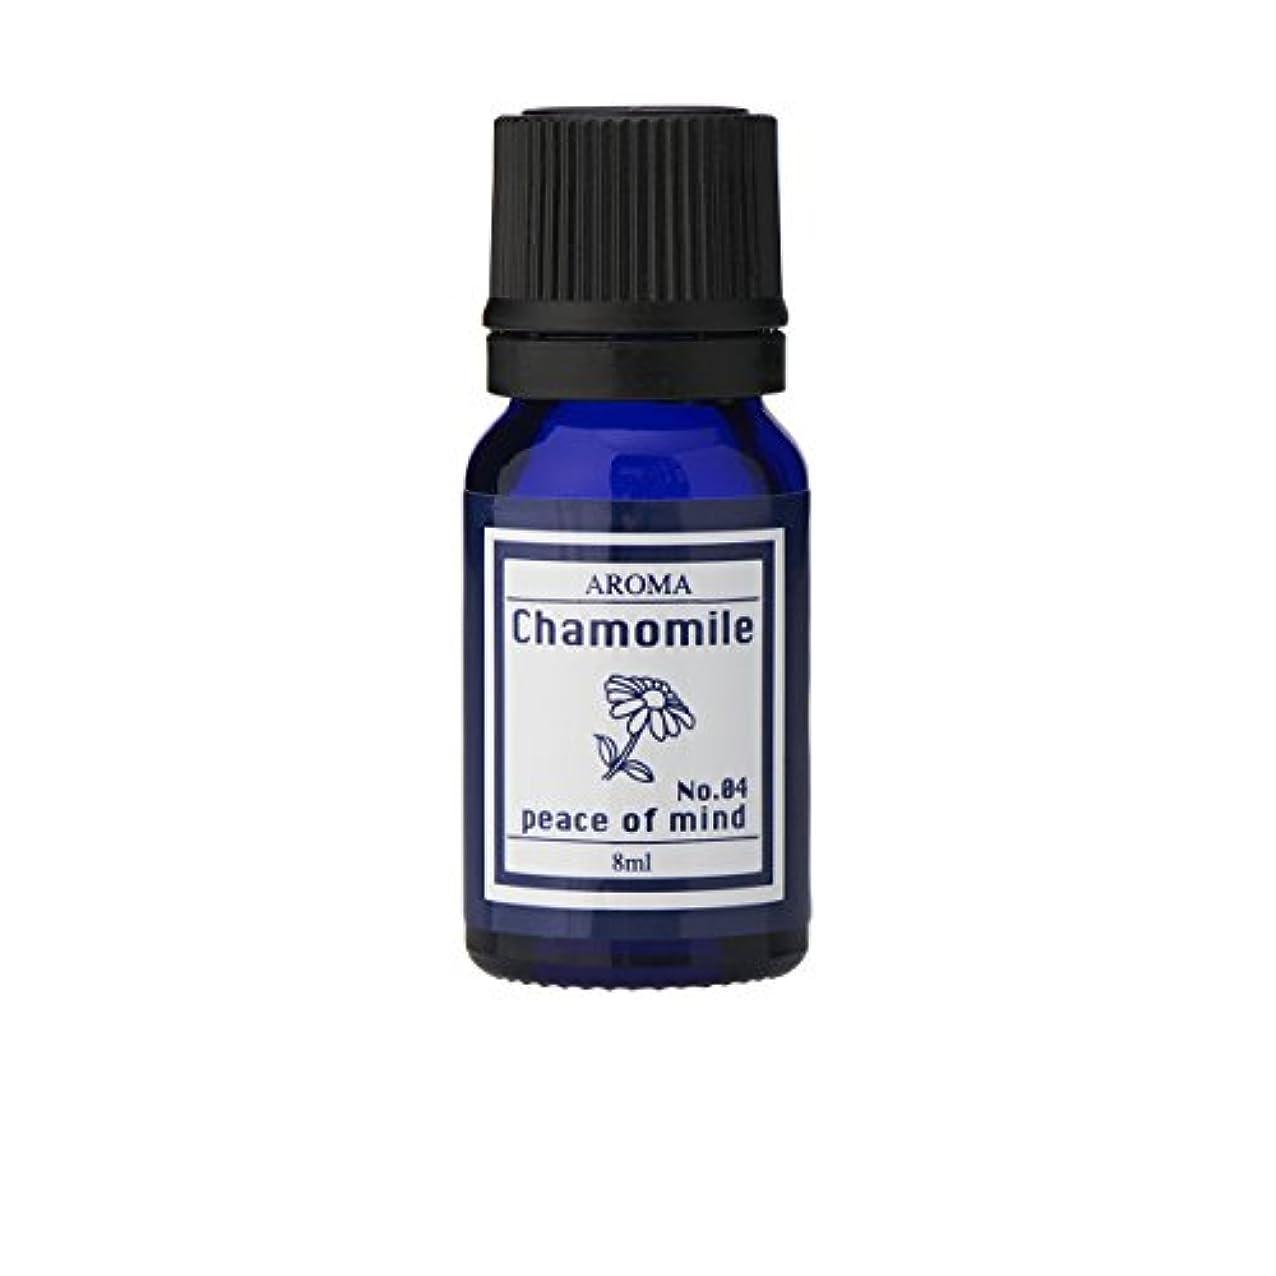 解凍する、雪解け、霜解け抵抗活性化ブルーラベル アロマエッセンス8ml カモマイル(アロマオイル 調合香料 芳香用)